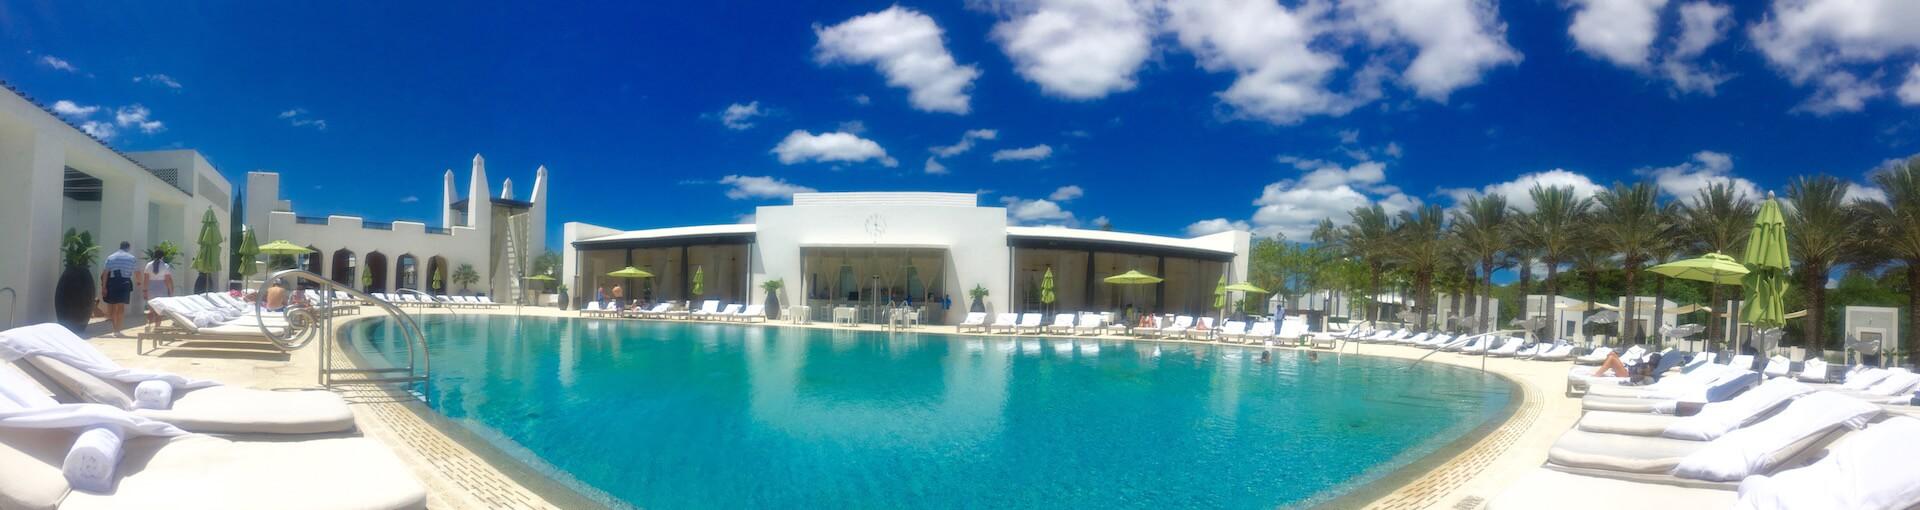 Caliza-Pool